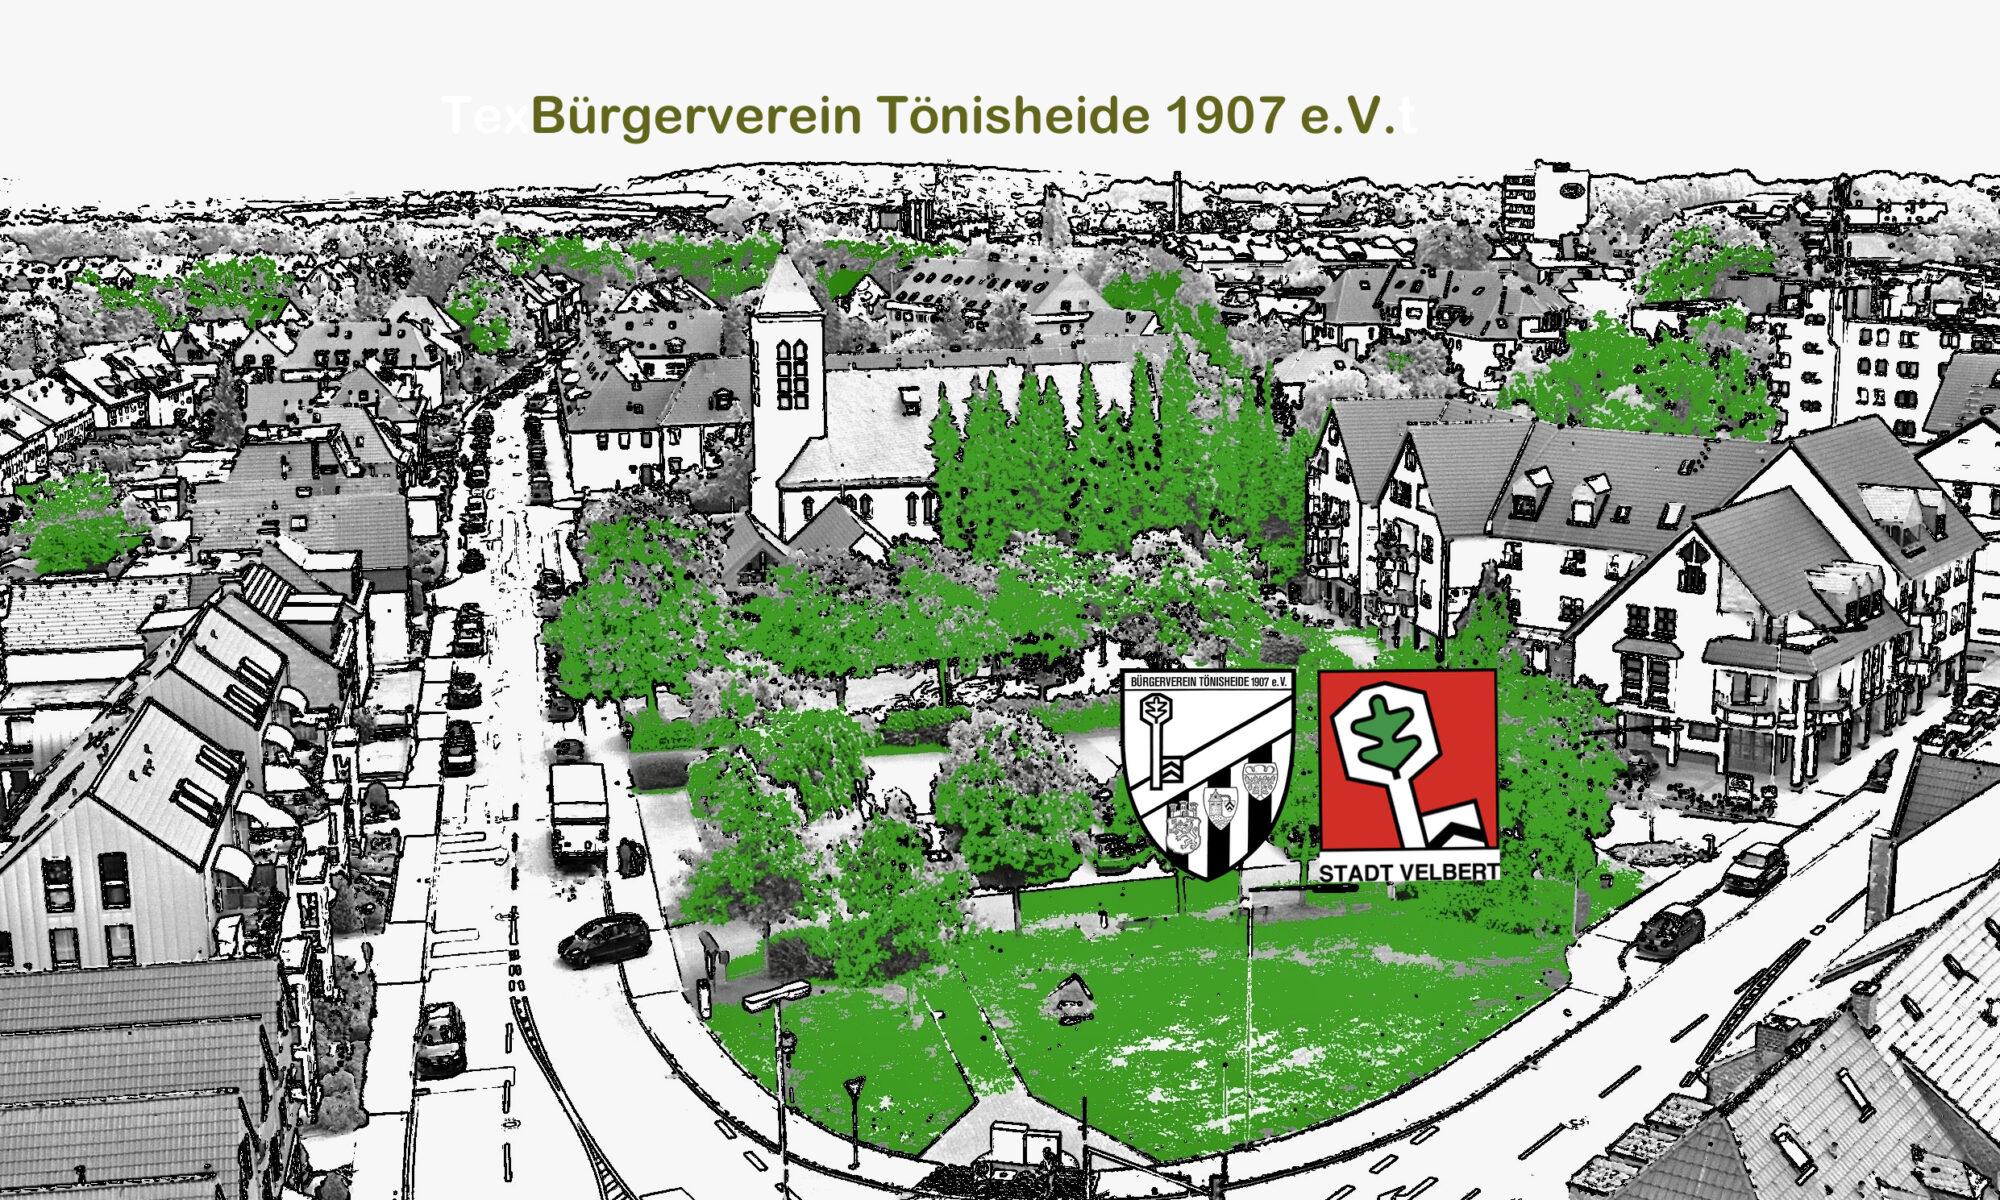 Bürgerverein Tönisheide 1907 e.V.